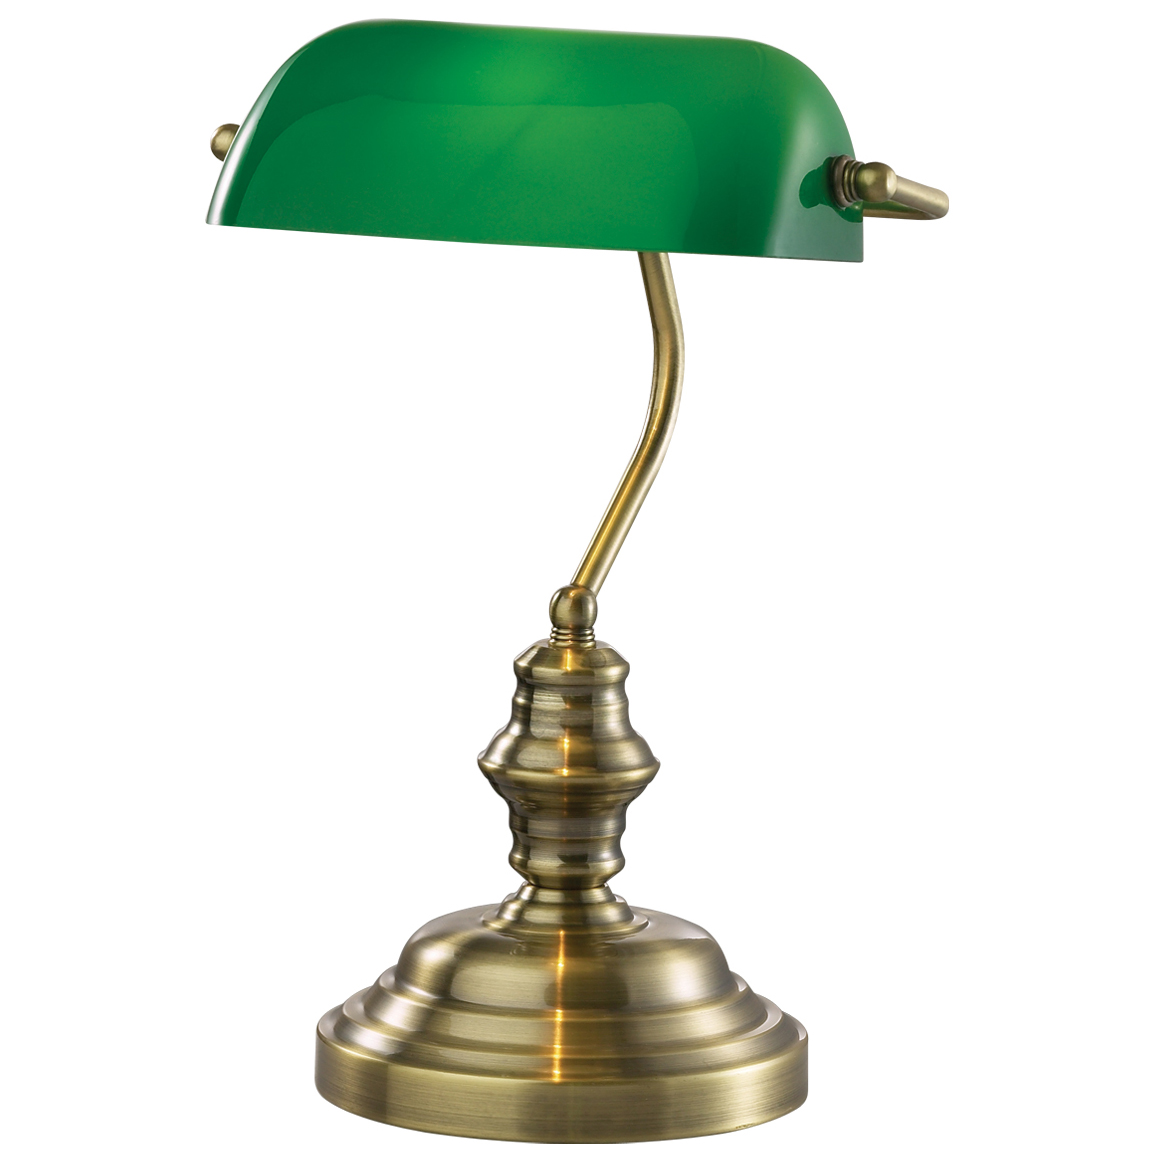 Лампа настольная Odeon light 2224/1t настольная лампа odeon light tres 2224 1t